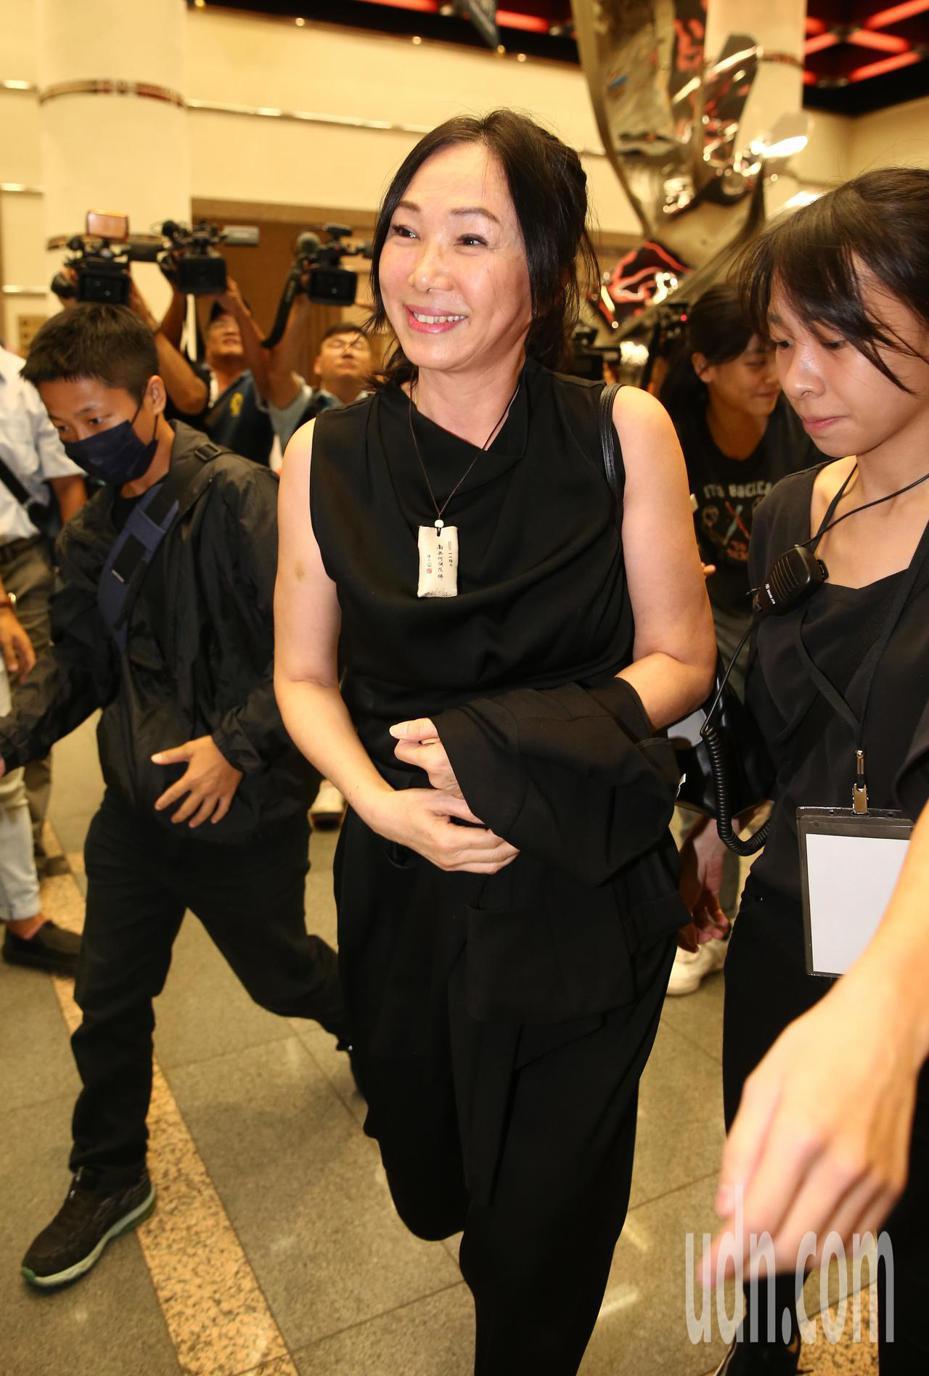 蔡琴晚間舉辦售票演唱會,高雄市長韓國瑜的夫人李佳芬(中)也來欣賞演唱會。記者許正宏/攝影